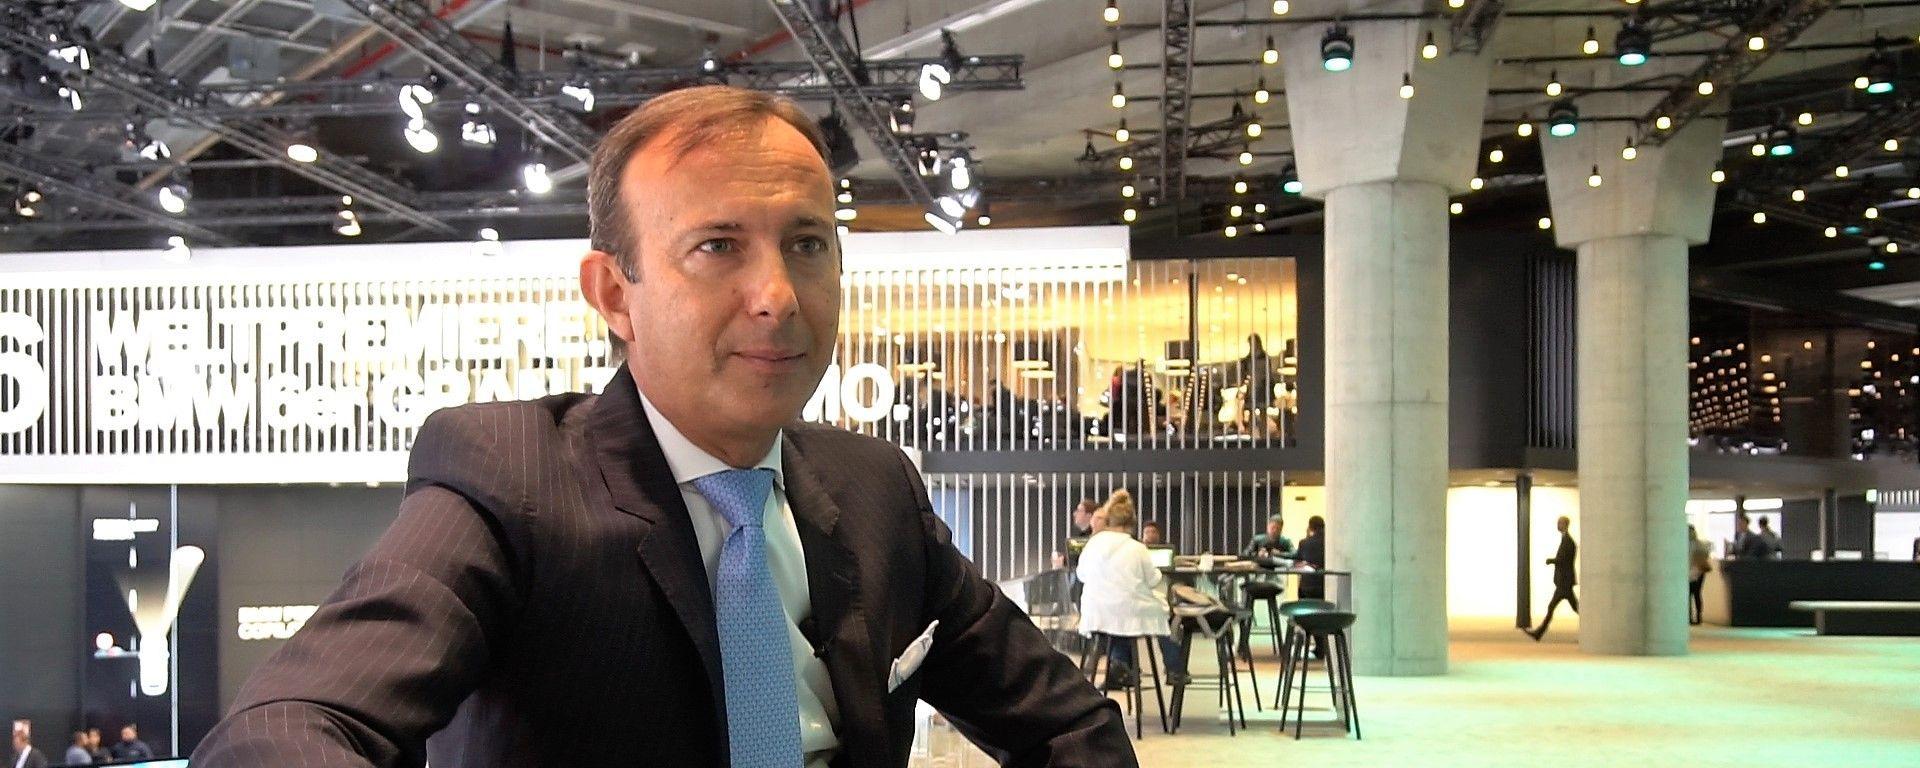 Le novità BMW raccontate da Sergio Solero, presidente e ad BMW Italia